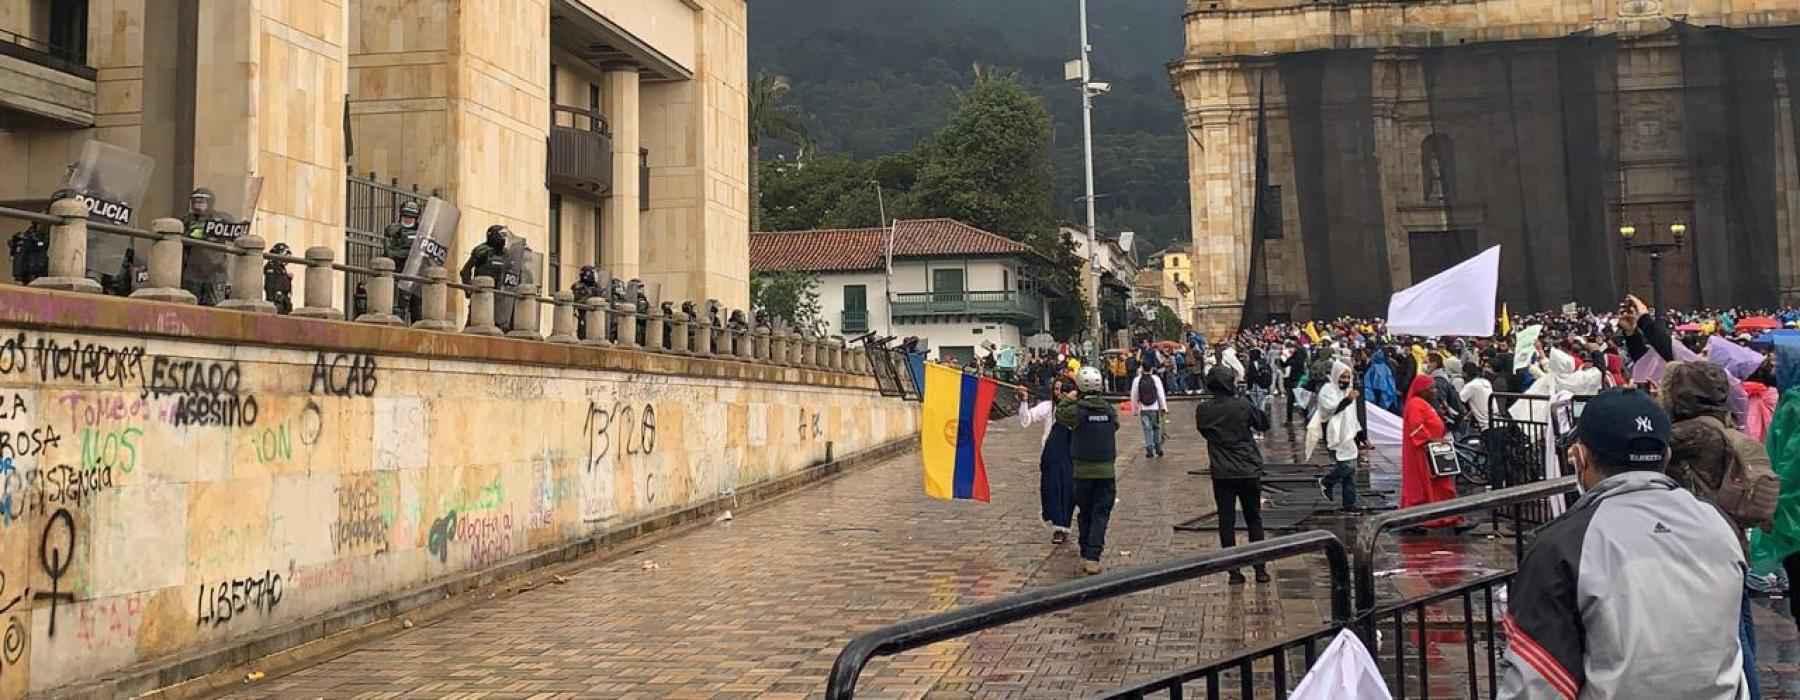 Violência policial contra manifestantes foi condenada pela ONU